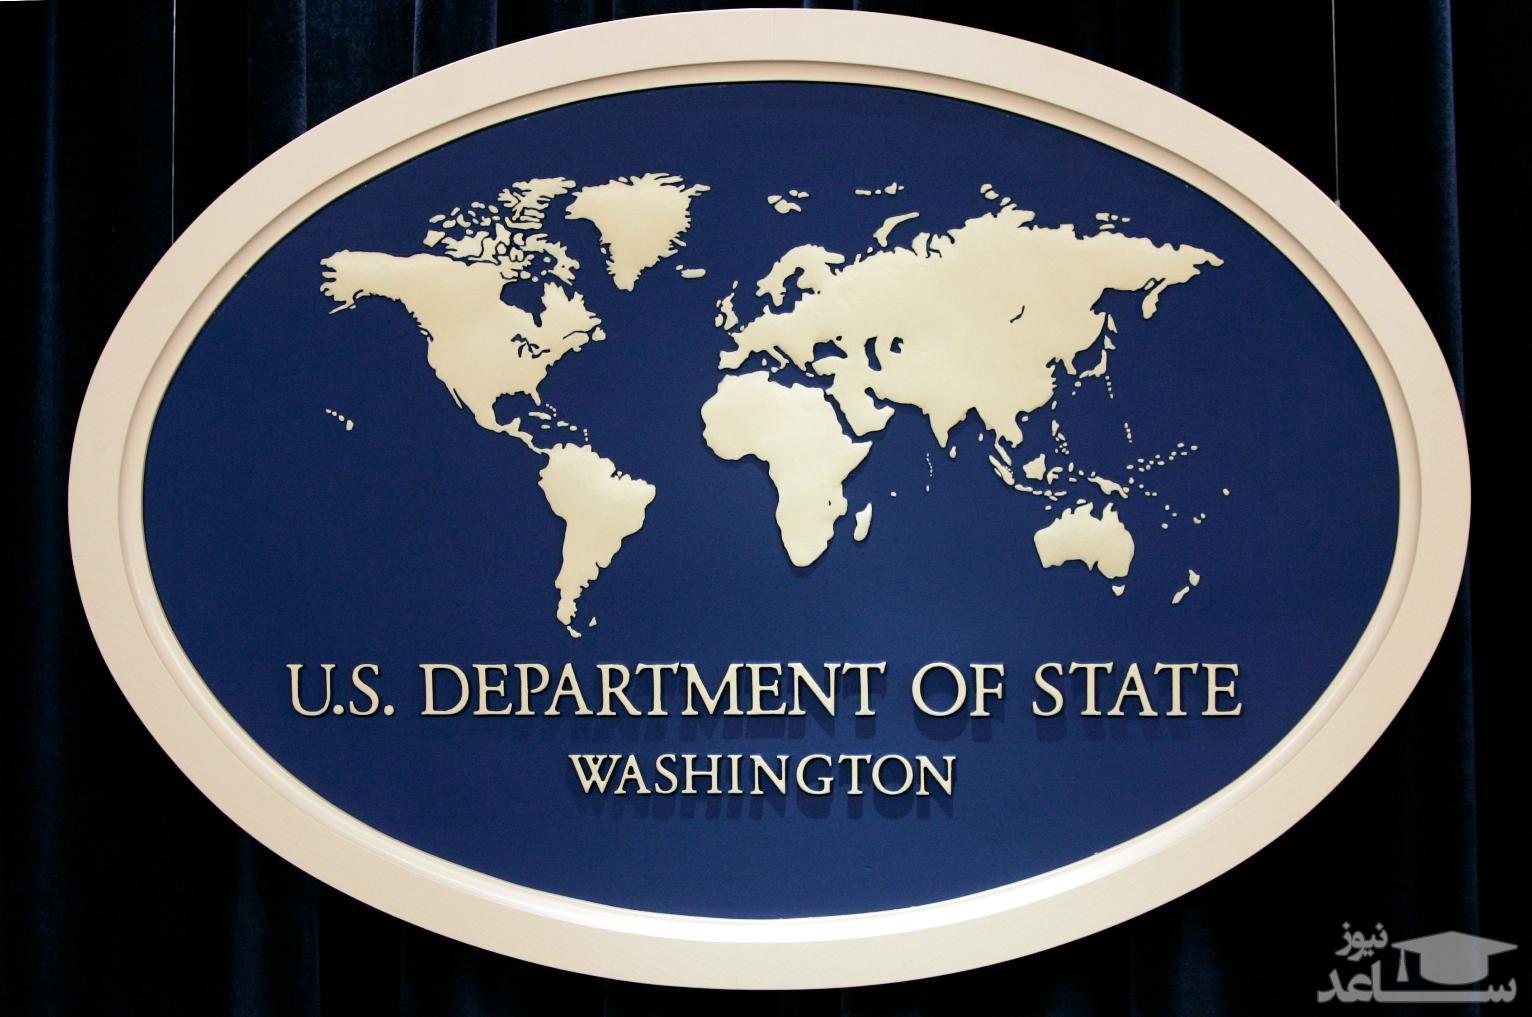 وزارت خارجه آمریکا: تیم مذاکرهکننده به وین بازمیگردد